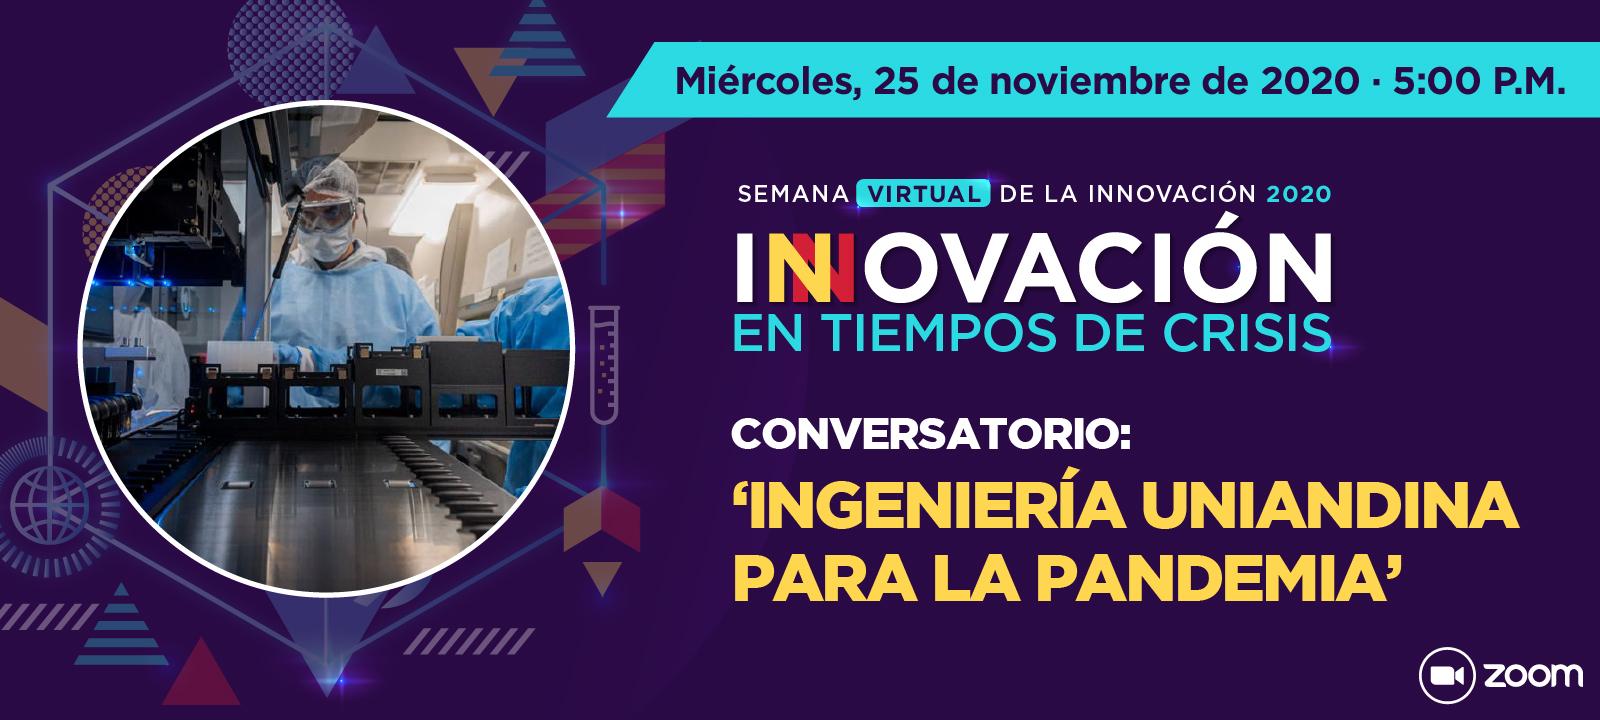 Conversatorio: 'Ingeniería uniandina para la pandemia'